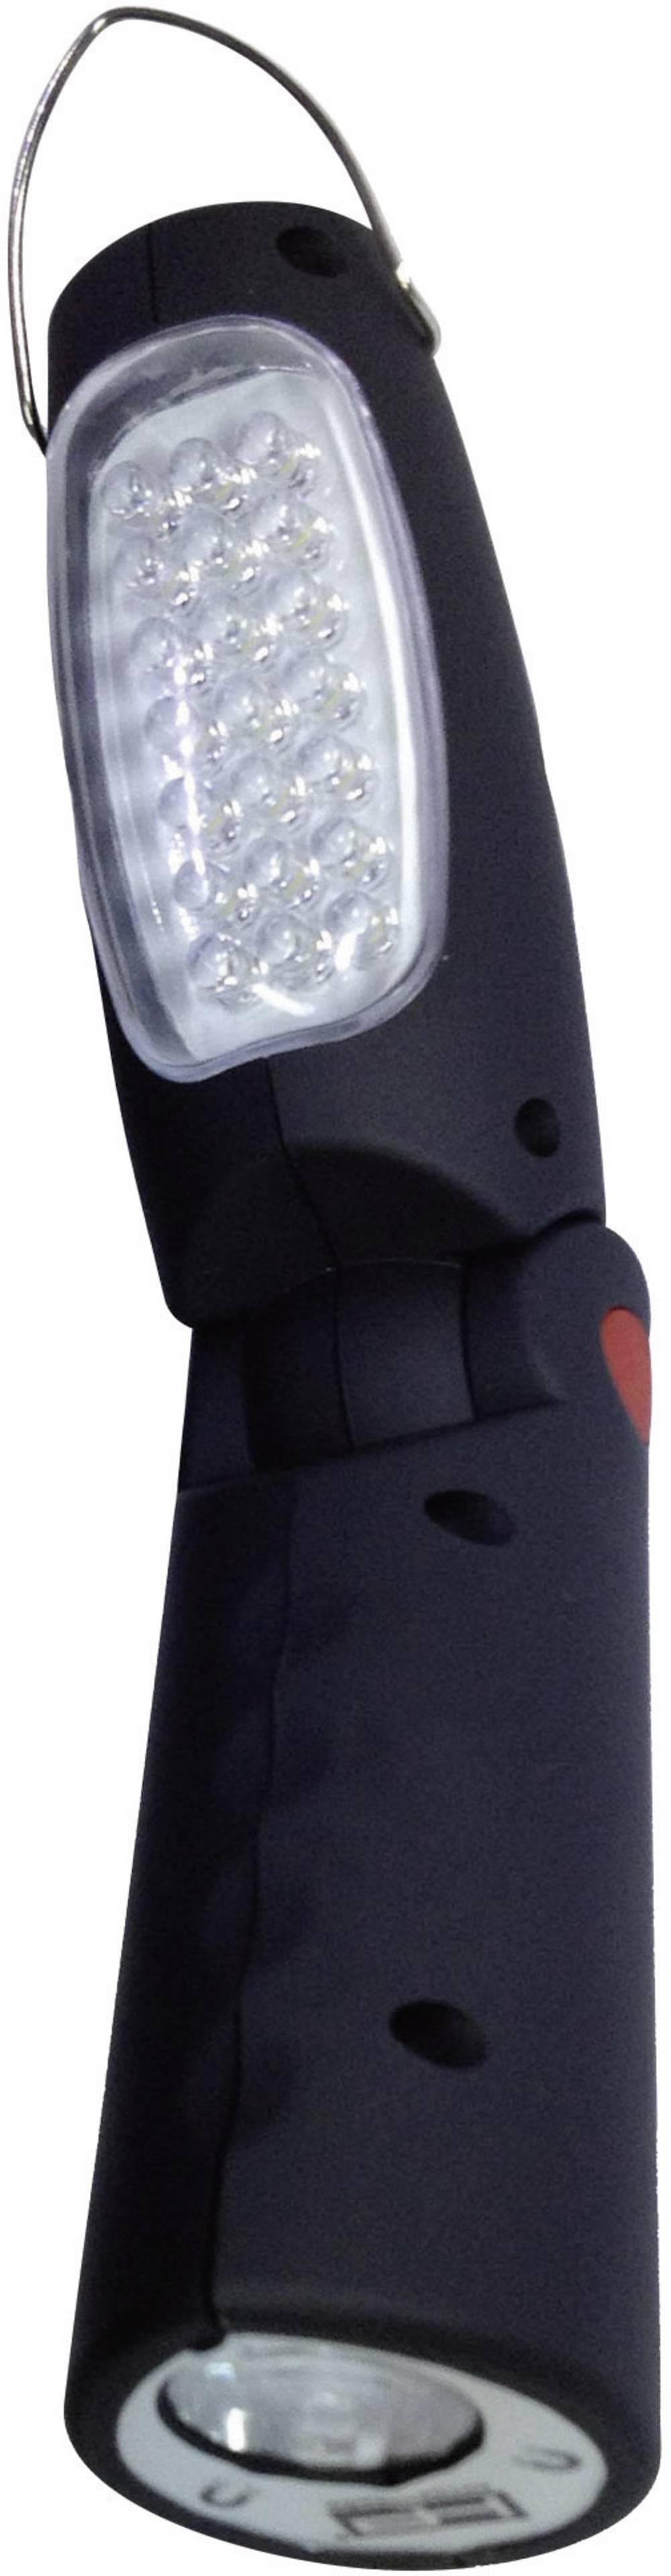 21+5 LED-batteri-arbejdslampe